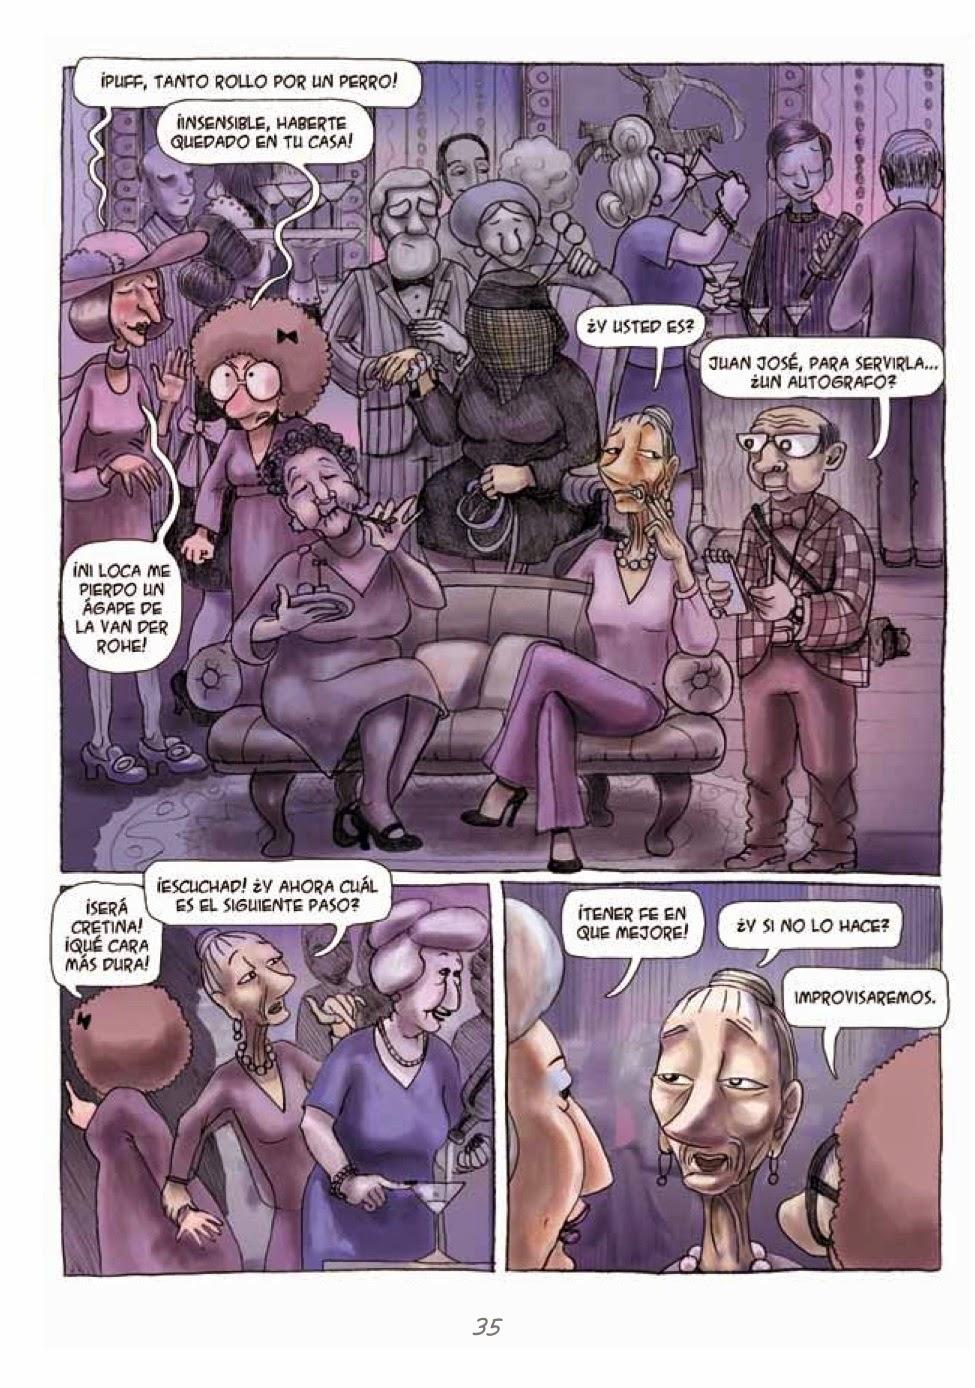 Recuerdos de Perrito de Mierda # 35 by Marta Alonso Berna, Dibbuks, March, 2014